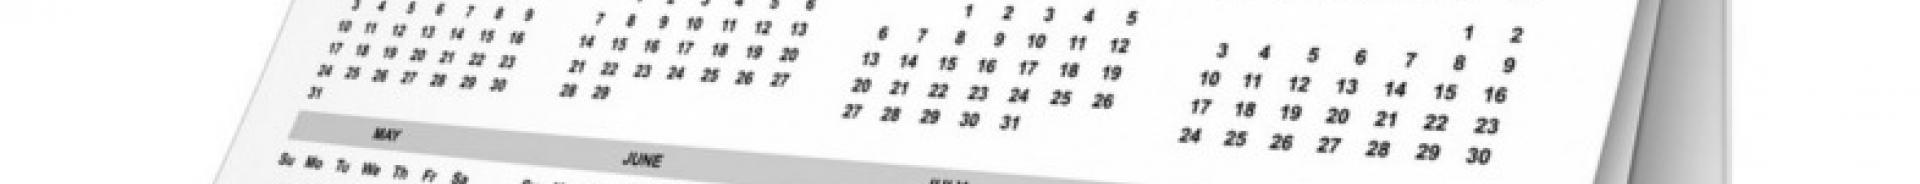 Unipd Calendario 2021 Calendario accademico | Università di Padova